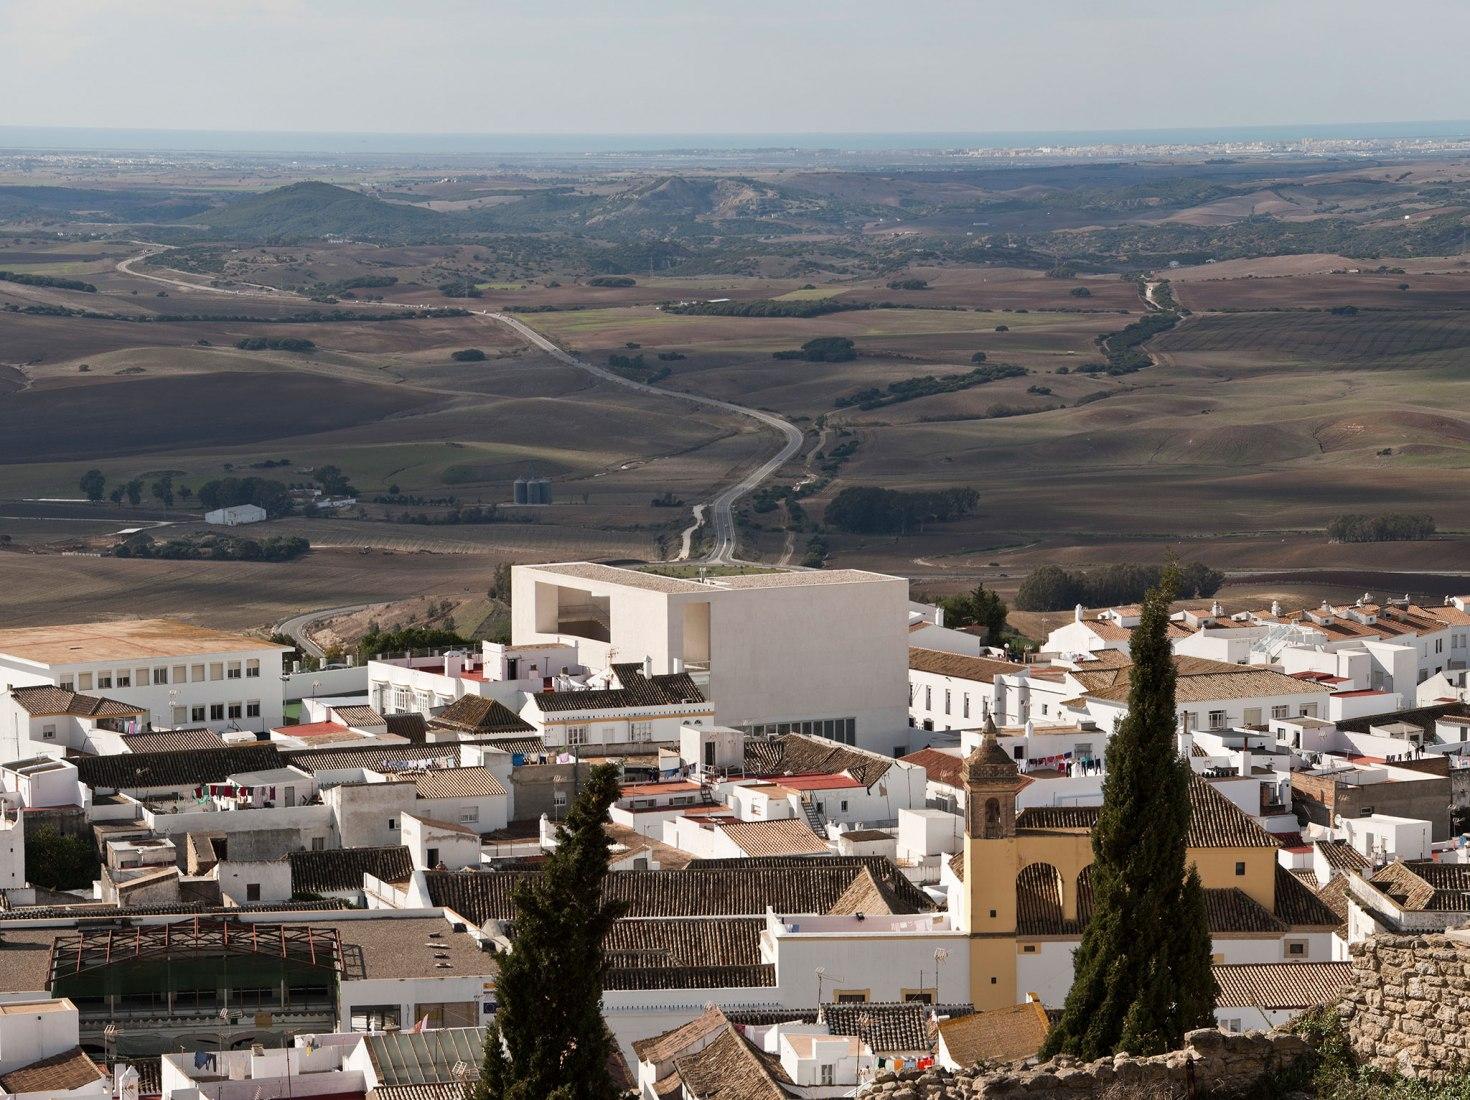 Vista aérea. Teatro Miguel Mihura Álvarez de Medina Sidonia por Frank Mazzarella y Pedro Caro González. Fotografía por Fernando Alda